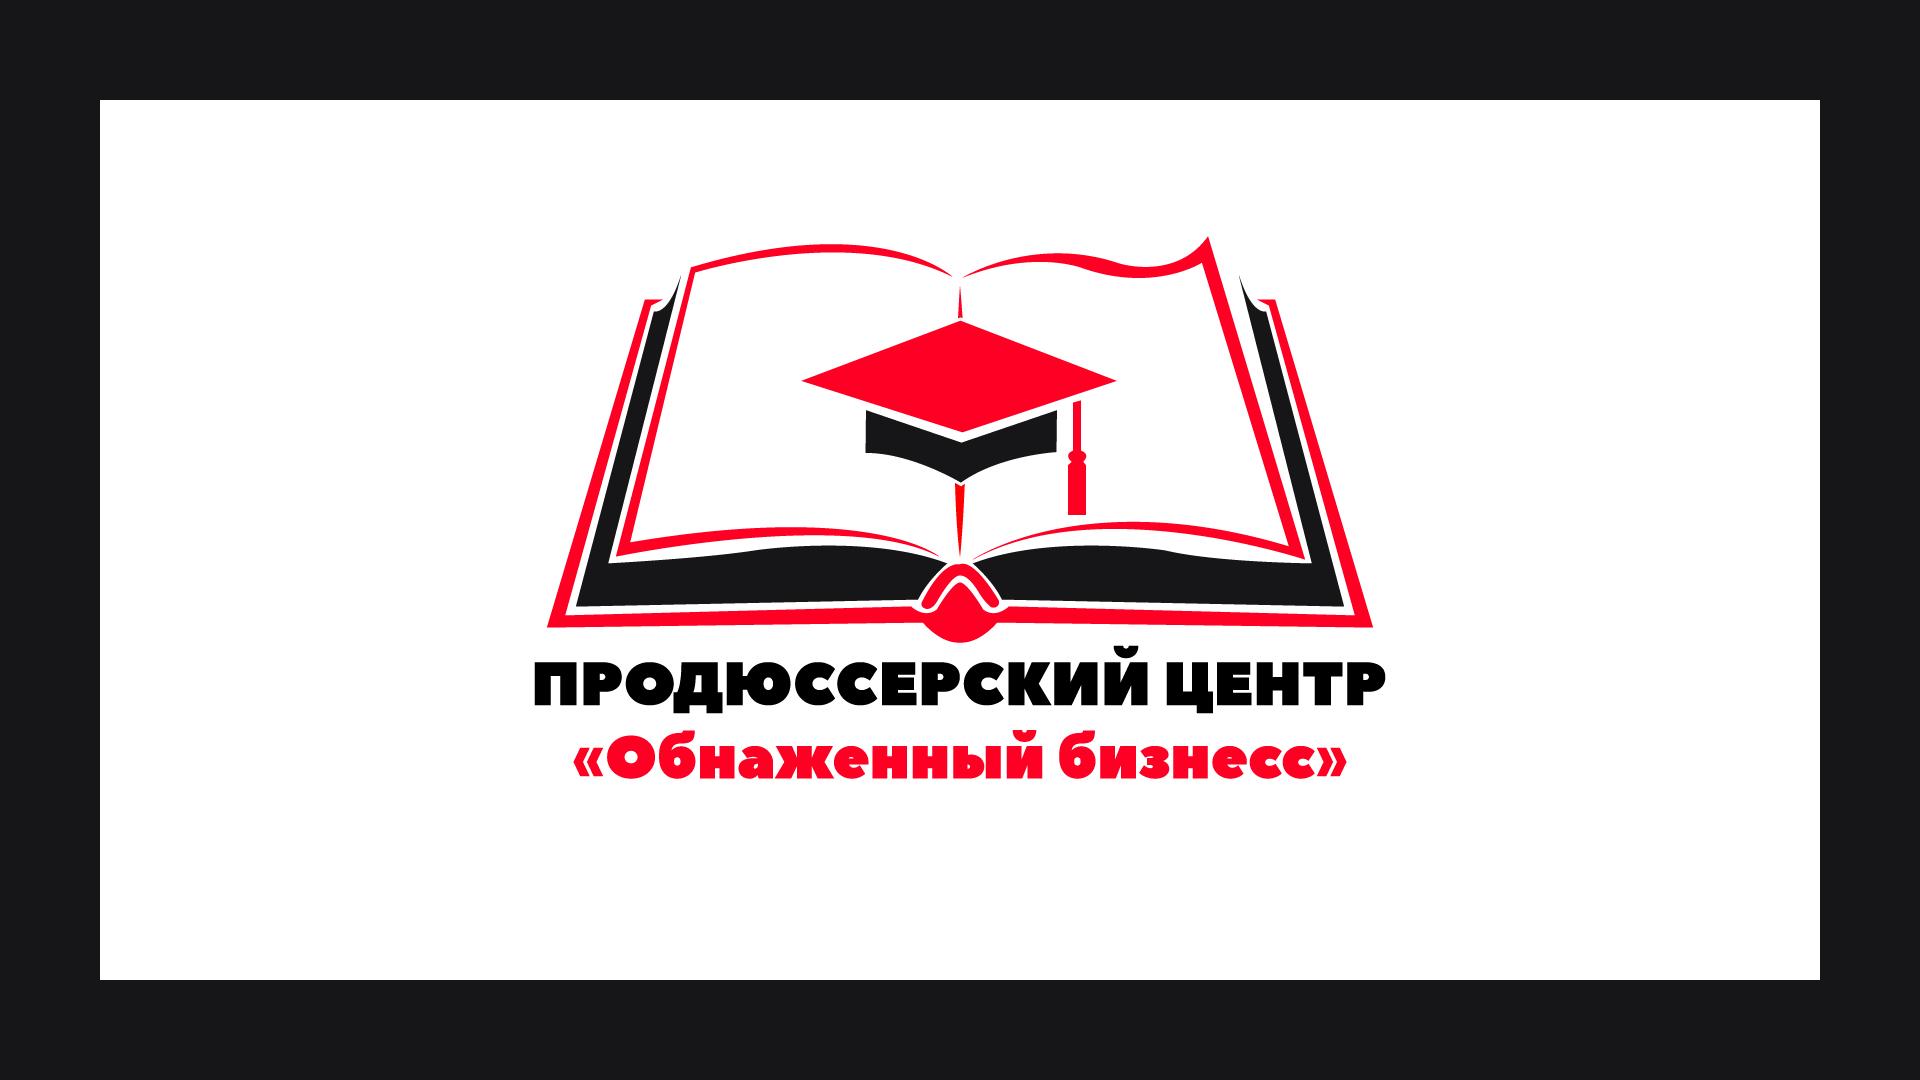 """Логотип для продюсерского центра """"Обнажённый бизнес"""" фото f_0675b9bdd6690249.jpg"""